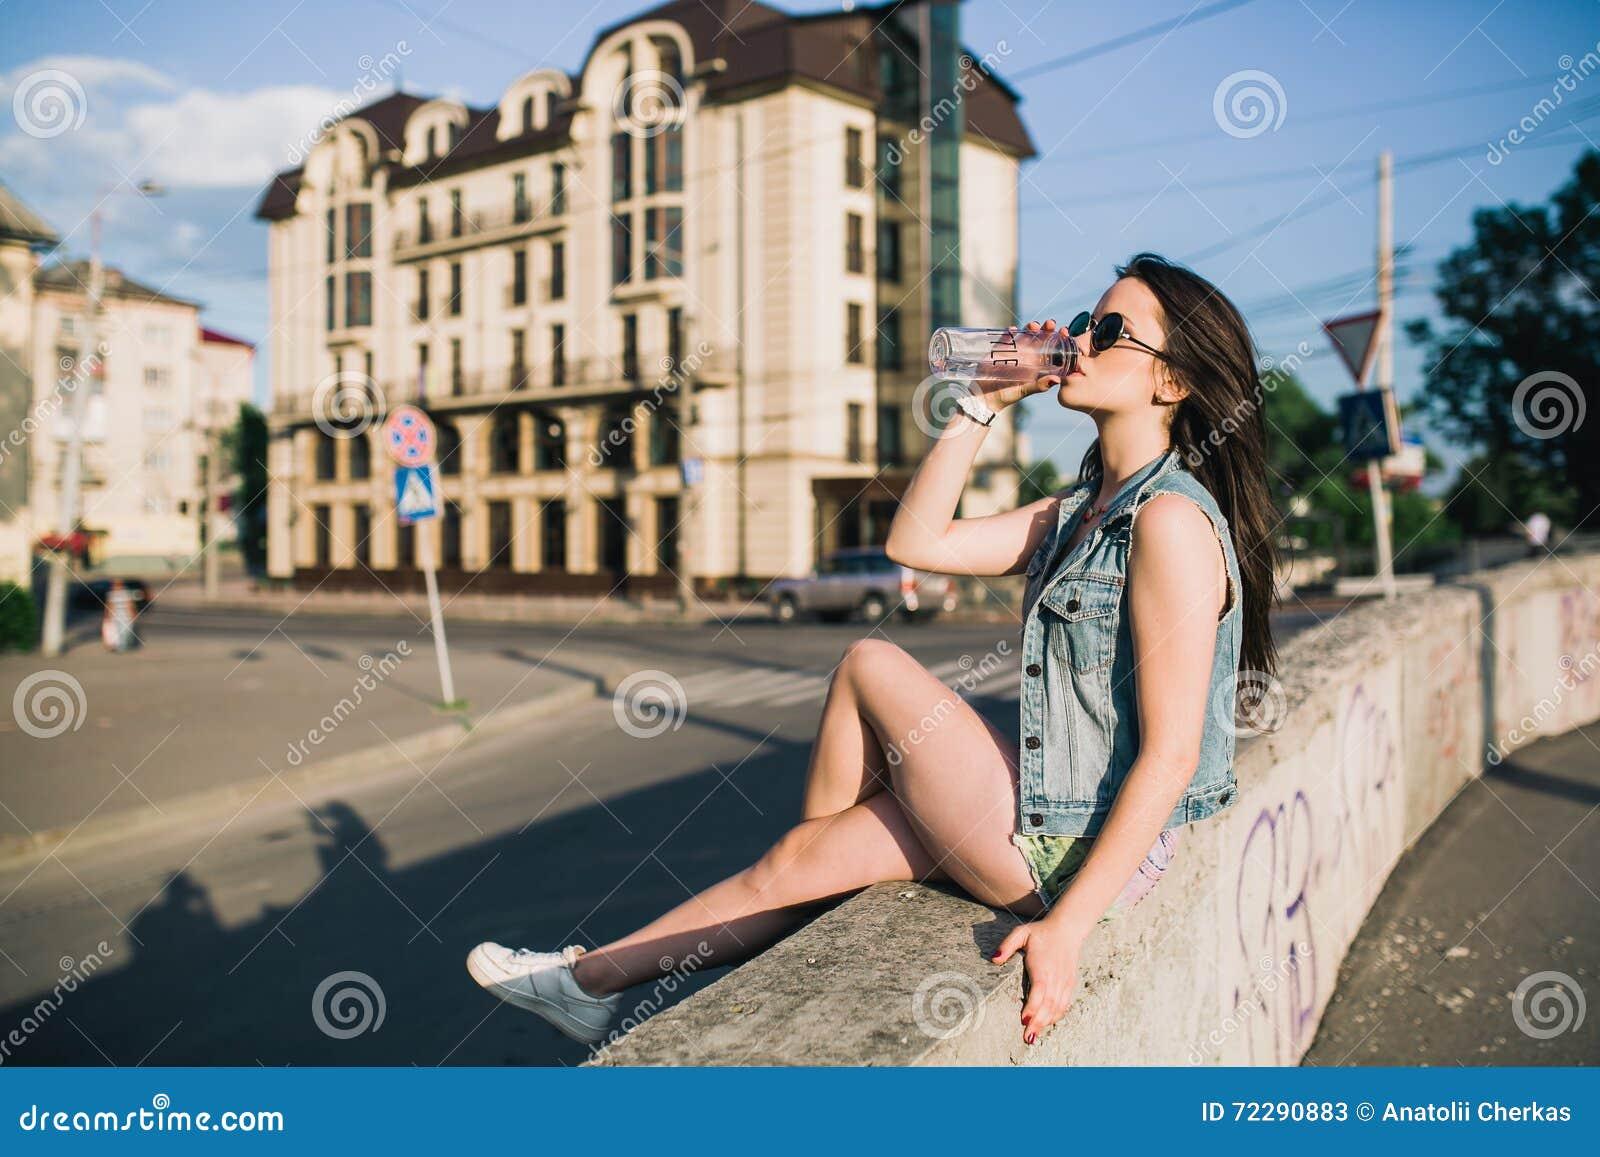 Download Стильная девушка в стеклах на улицах Стоковое Изображение - изображение насчитывающей бобра, самомоднейше: 72290883